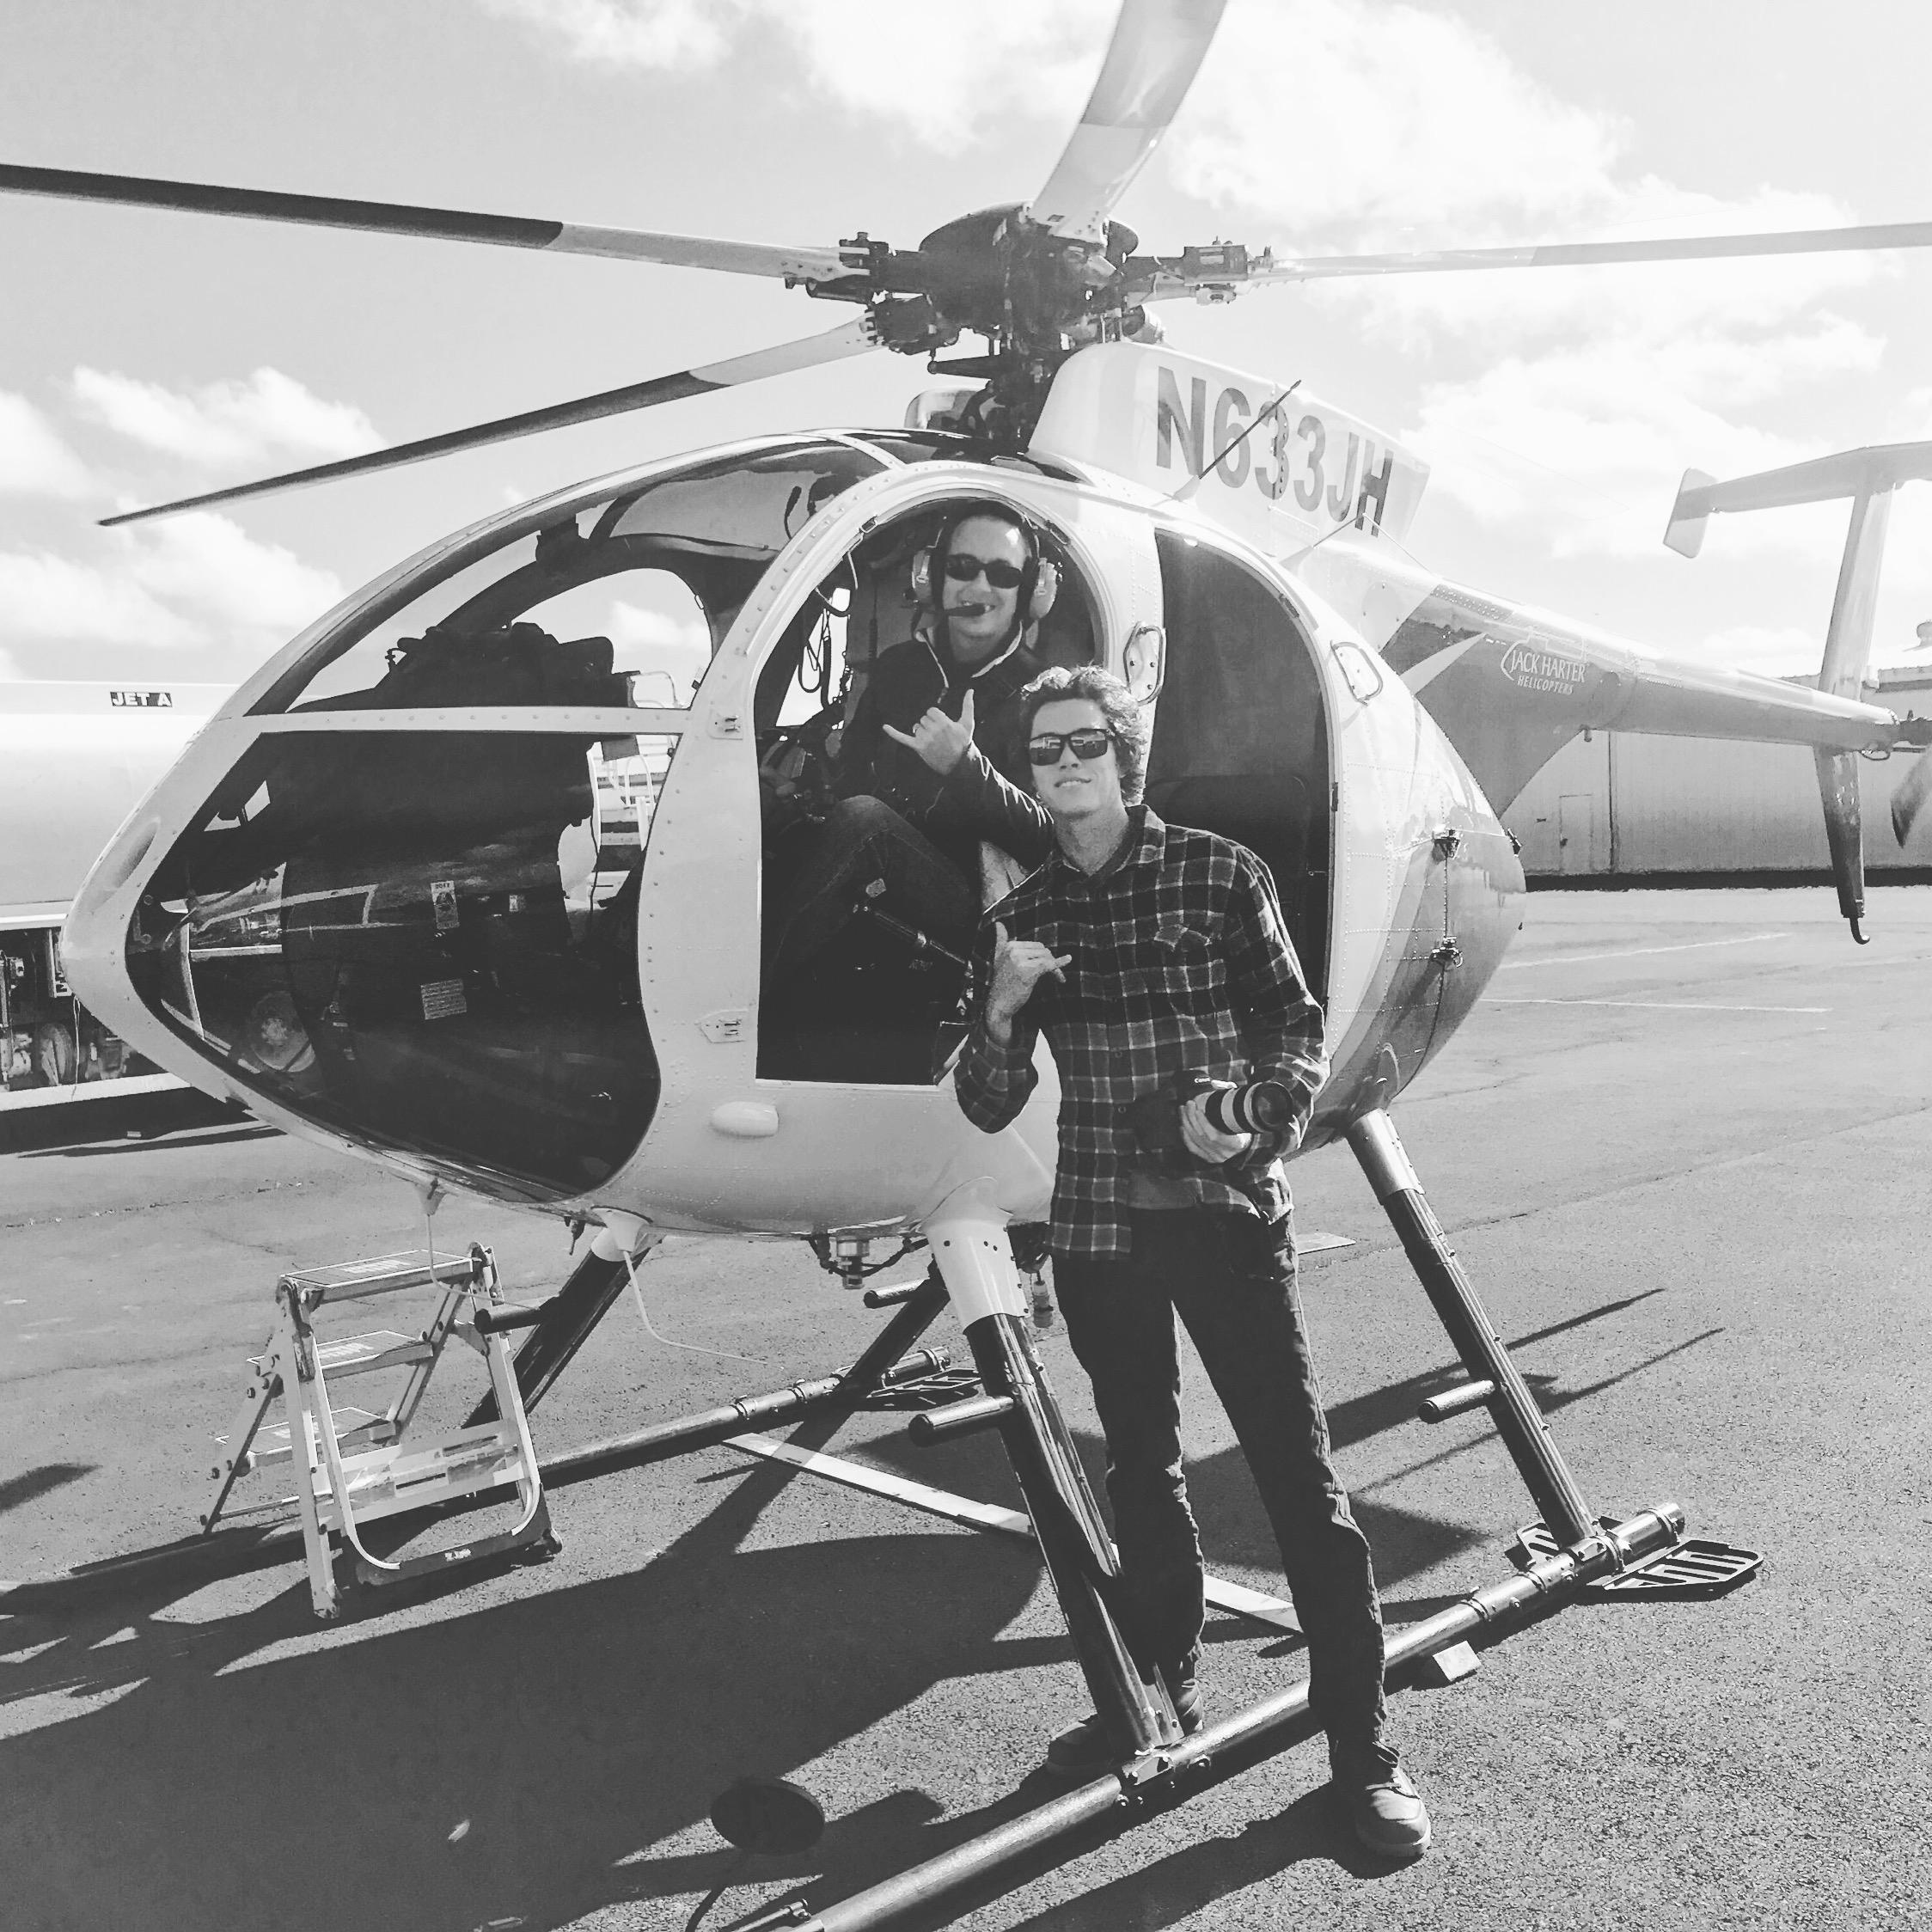 Me and my pilot pal